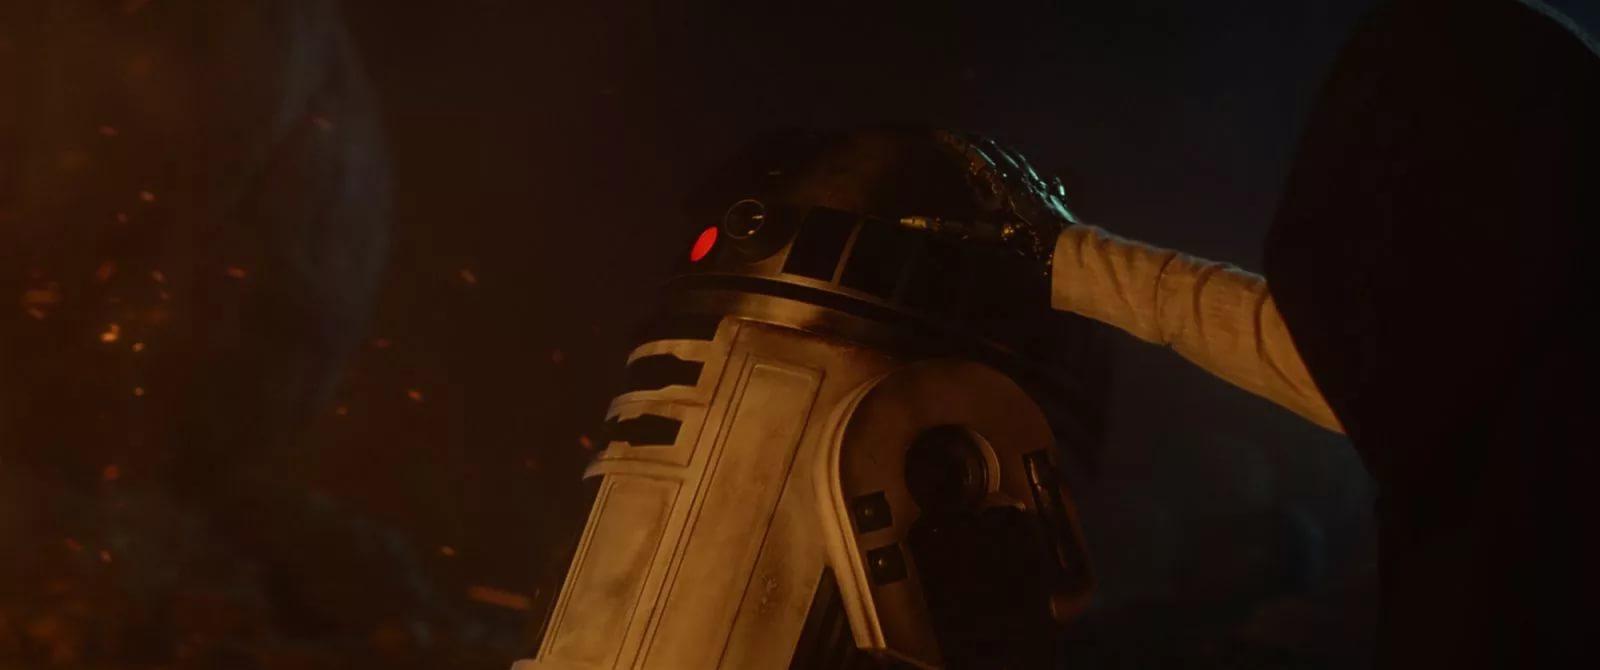 Звездные войны 7: Пробуждение силы (2015) смотреть онлайн ...